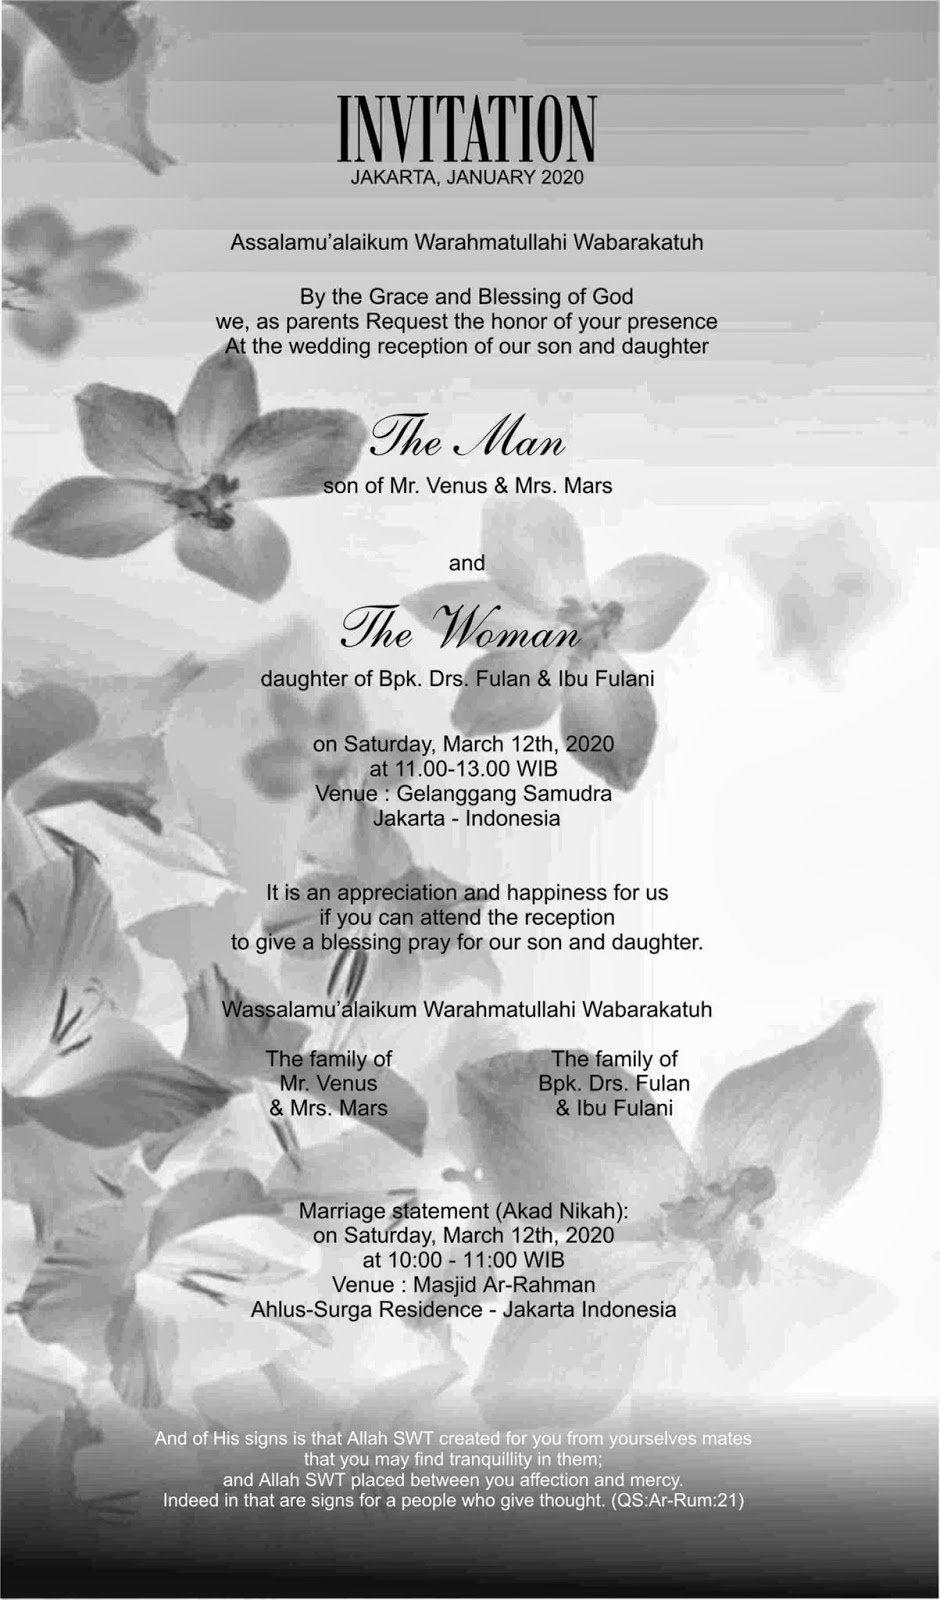 Contoh Invitation Dalam Bahasa Inggris Bahasa, Inggris